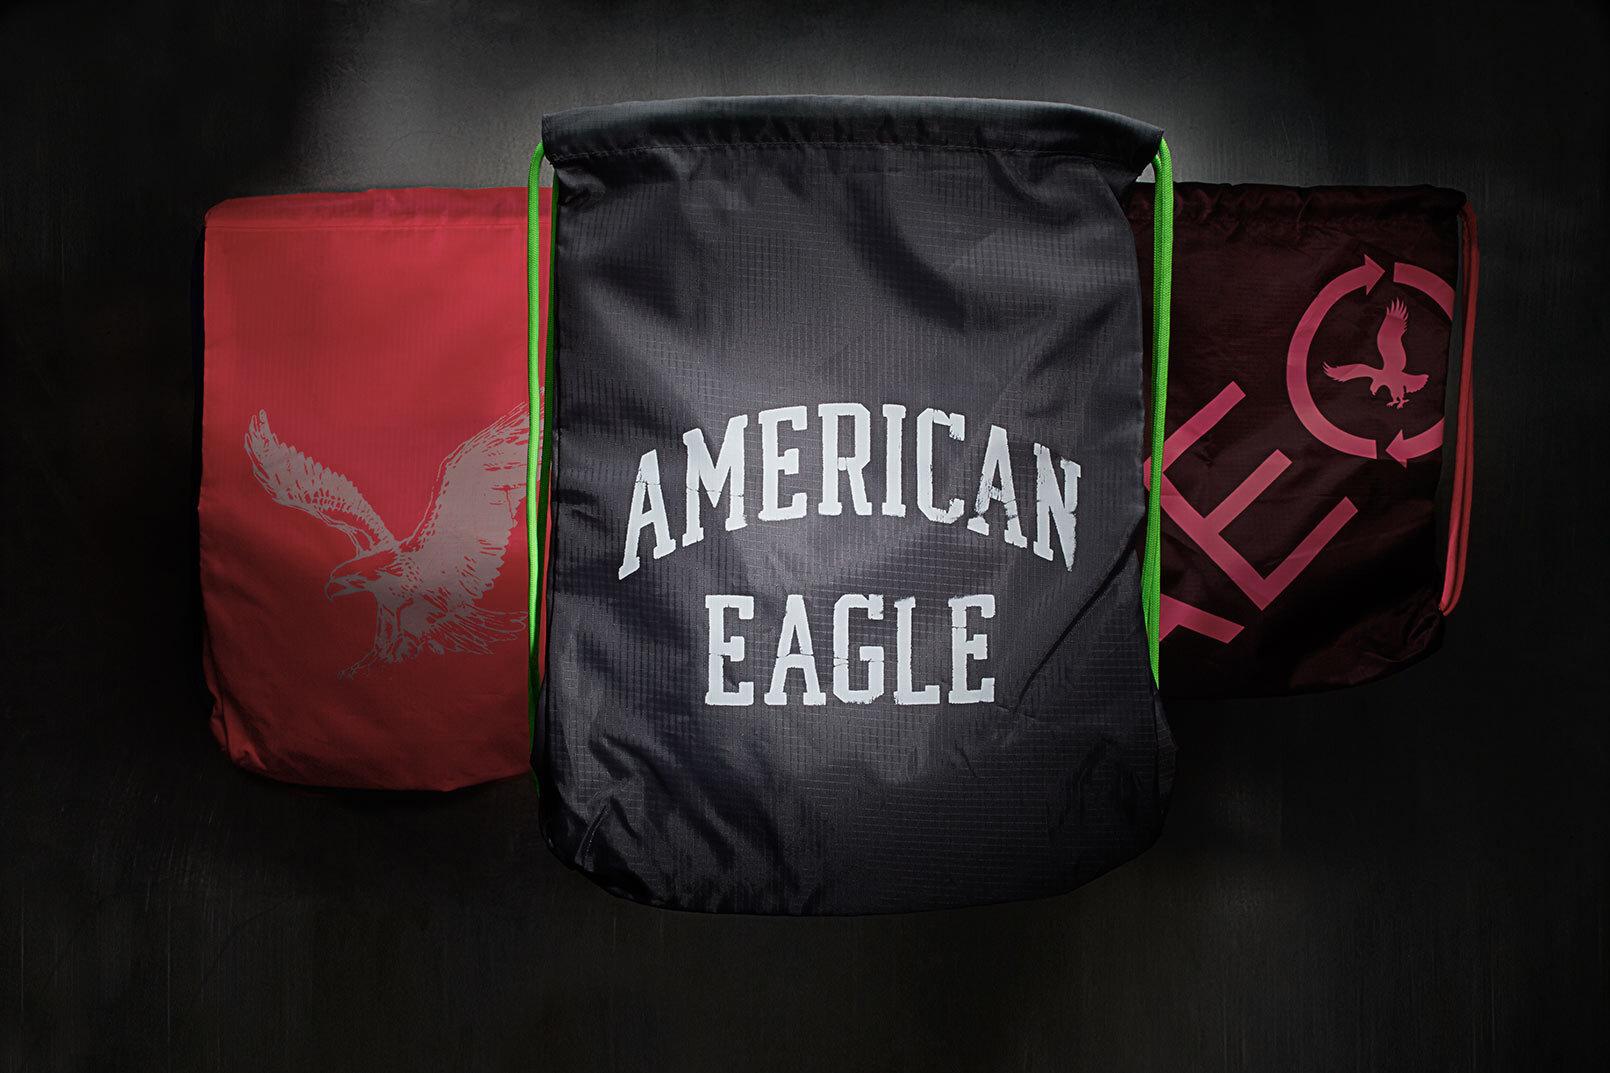 美式鹰包包 - 袋装设计 - 包装公司-1.JPG